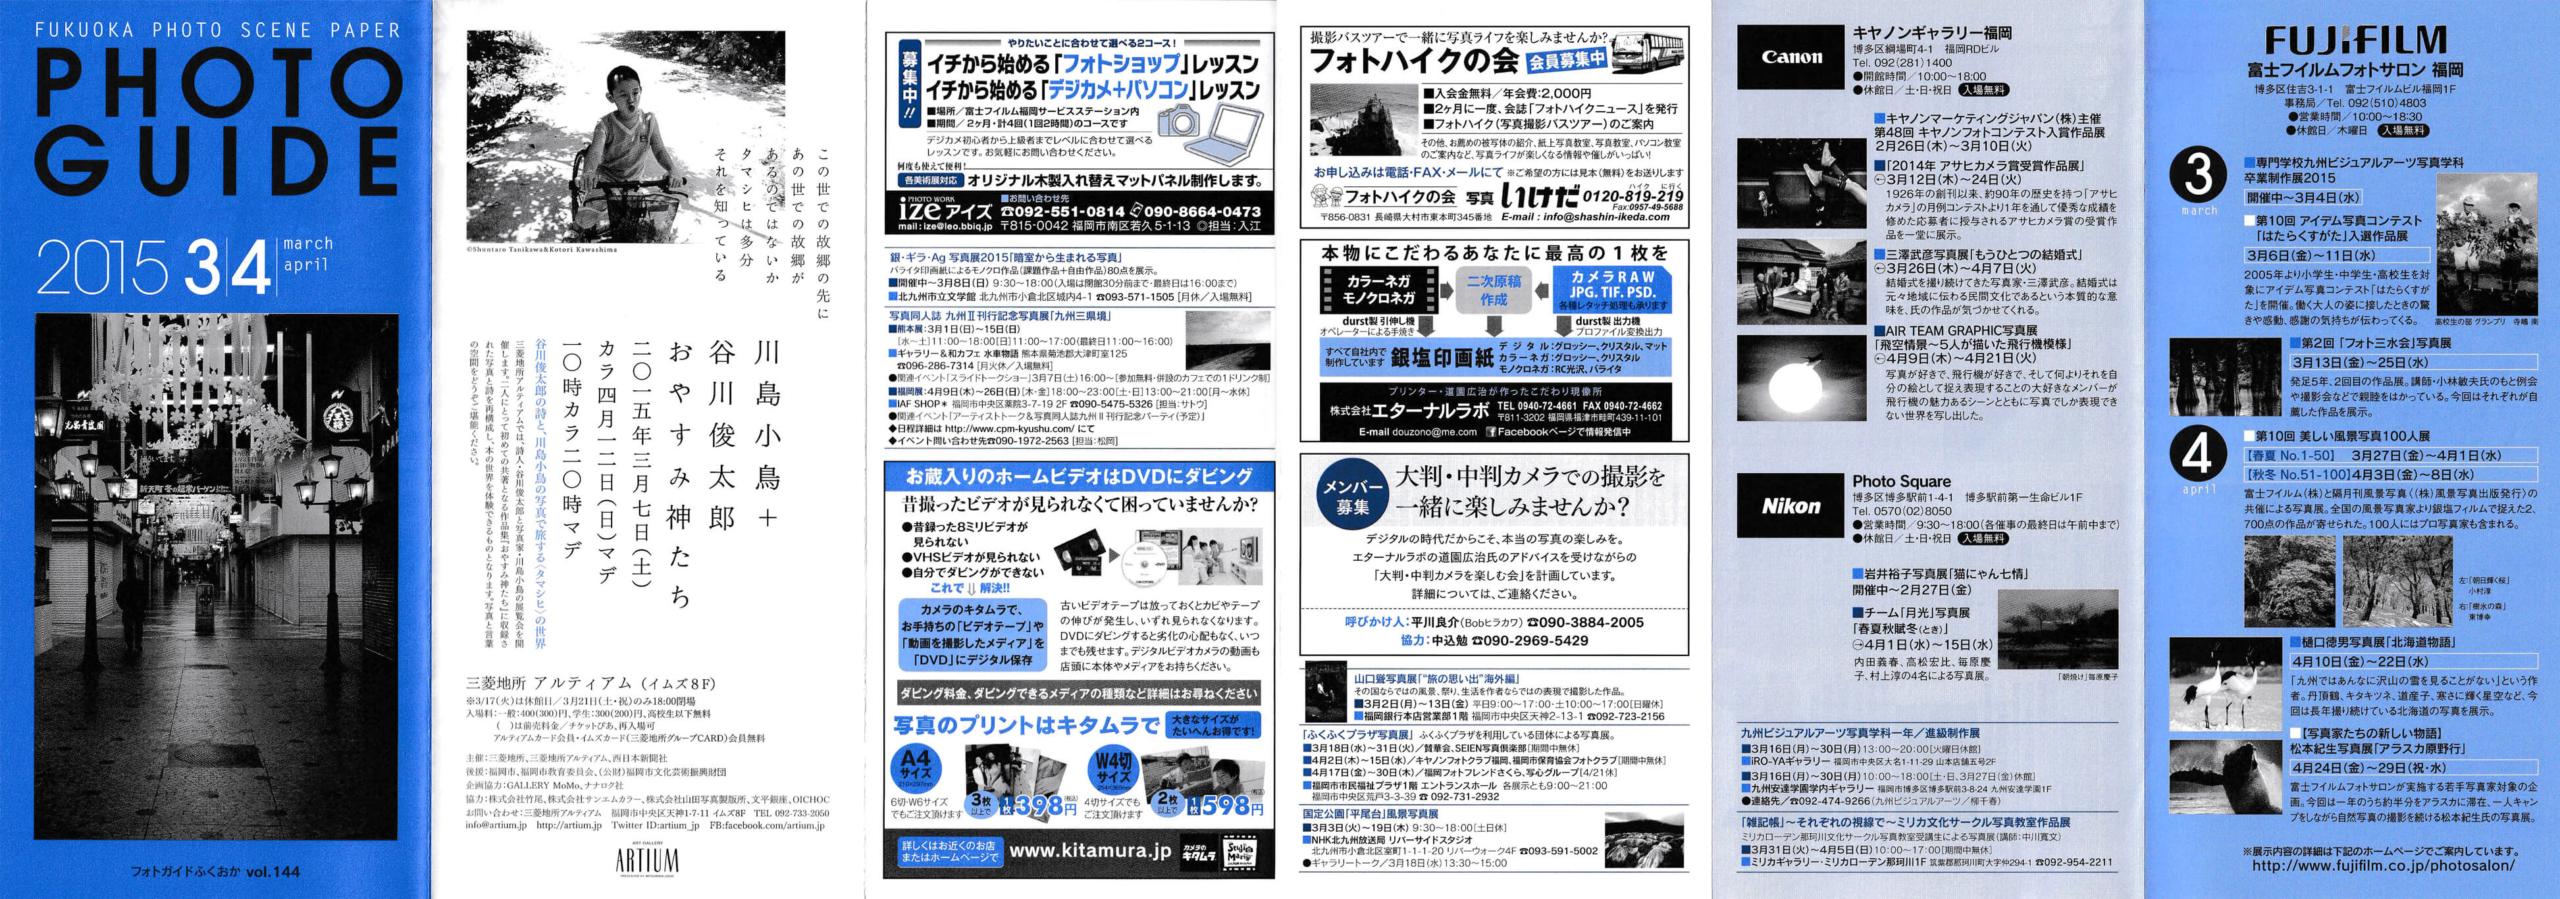 フォトガイドふくおか|アーカイブ|vol144